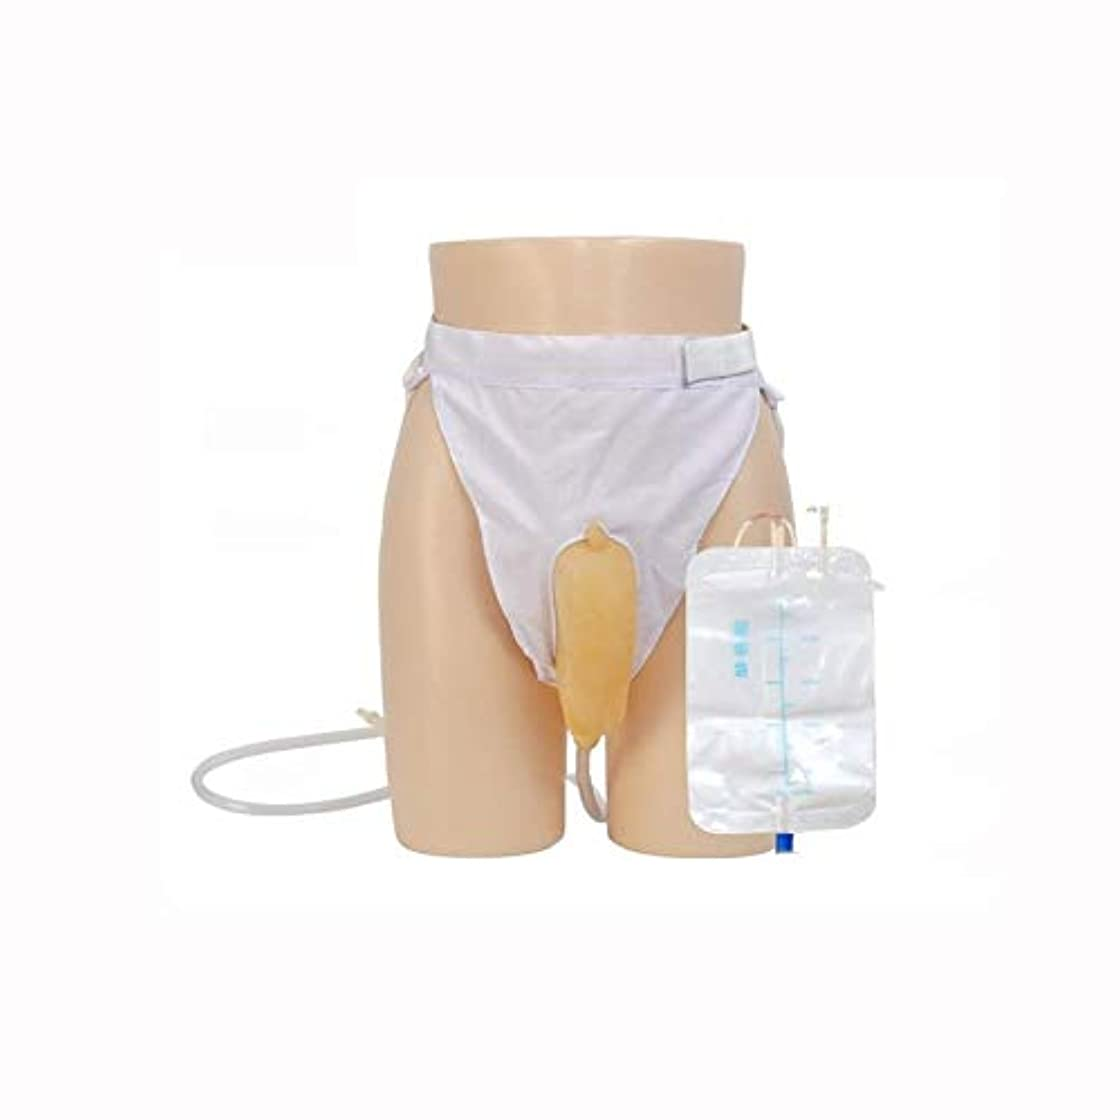 始める対フレキシブル再利用可能な男性の尿バッグ排尿器おしっこホルダーこぼれ防止ポータブル尿コレクターバッグ用尿失禁